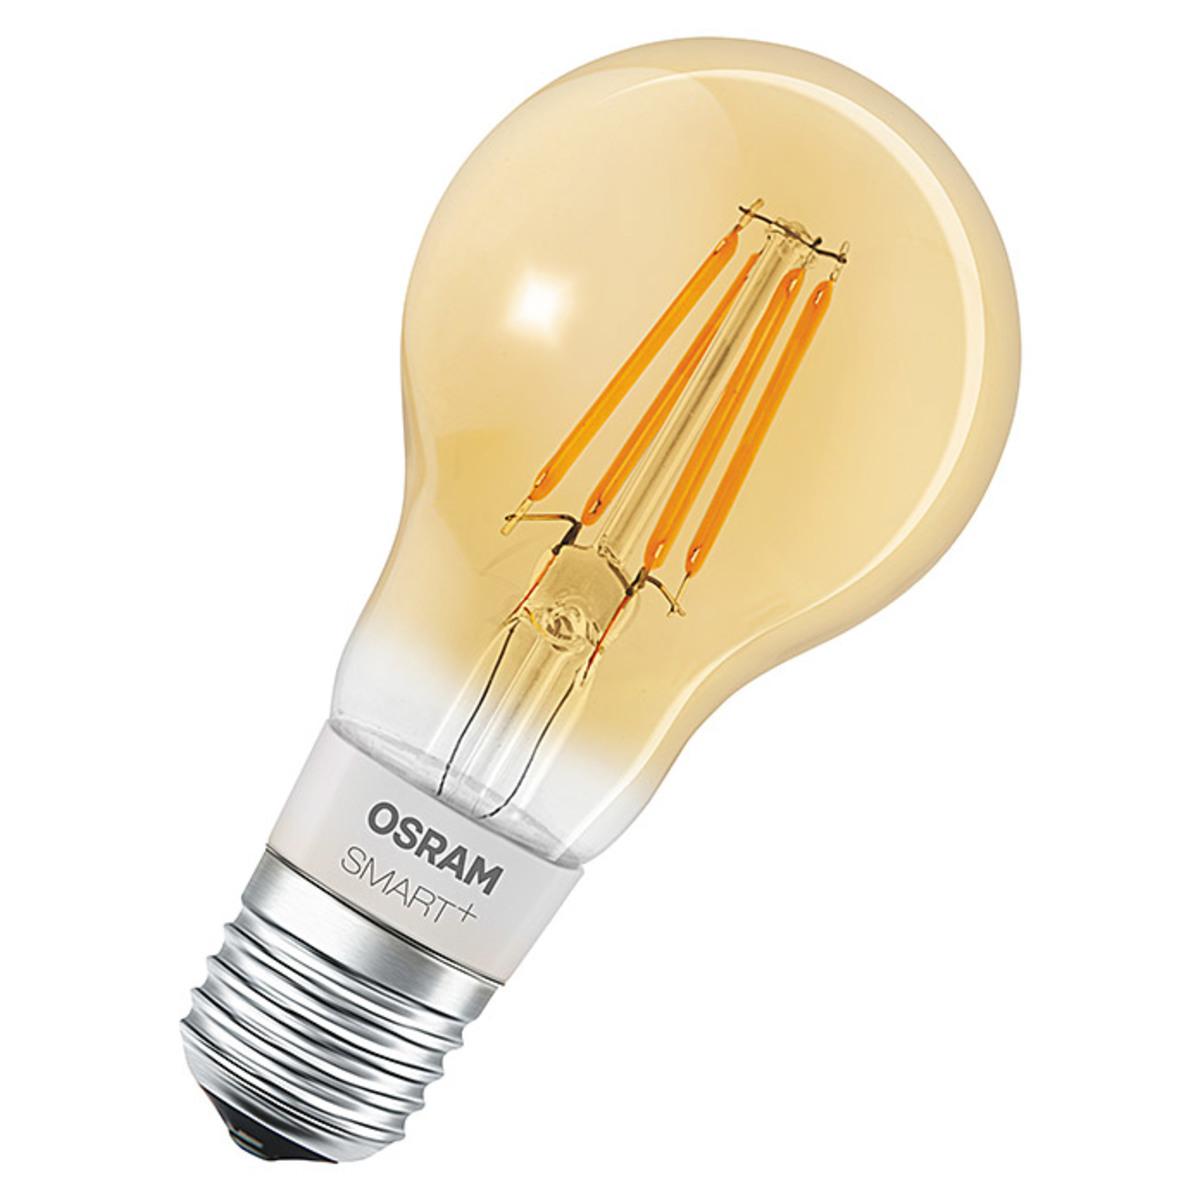 Bild 2 von Osram Smart+ Bluetooth LED-Leuchtmittel A 60